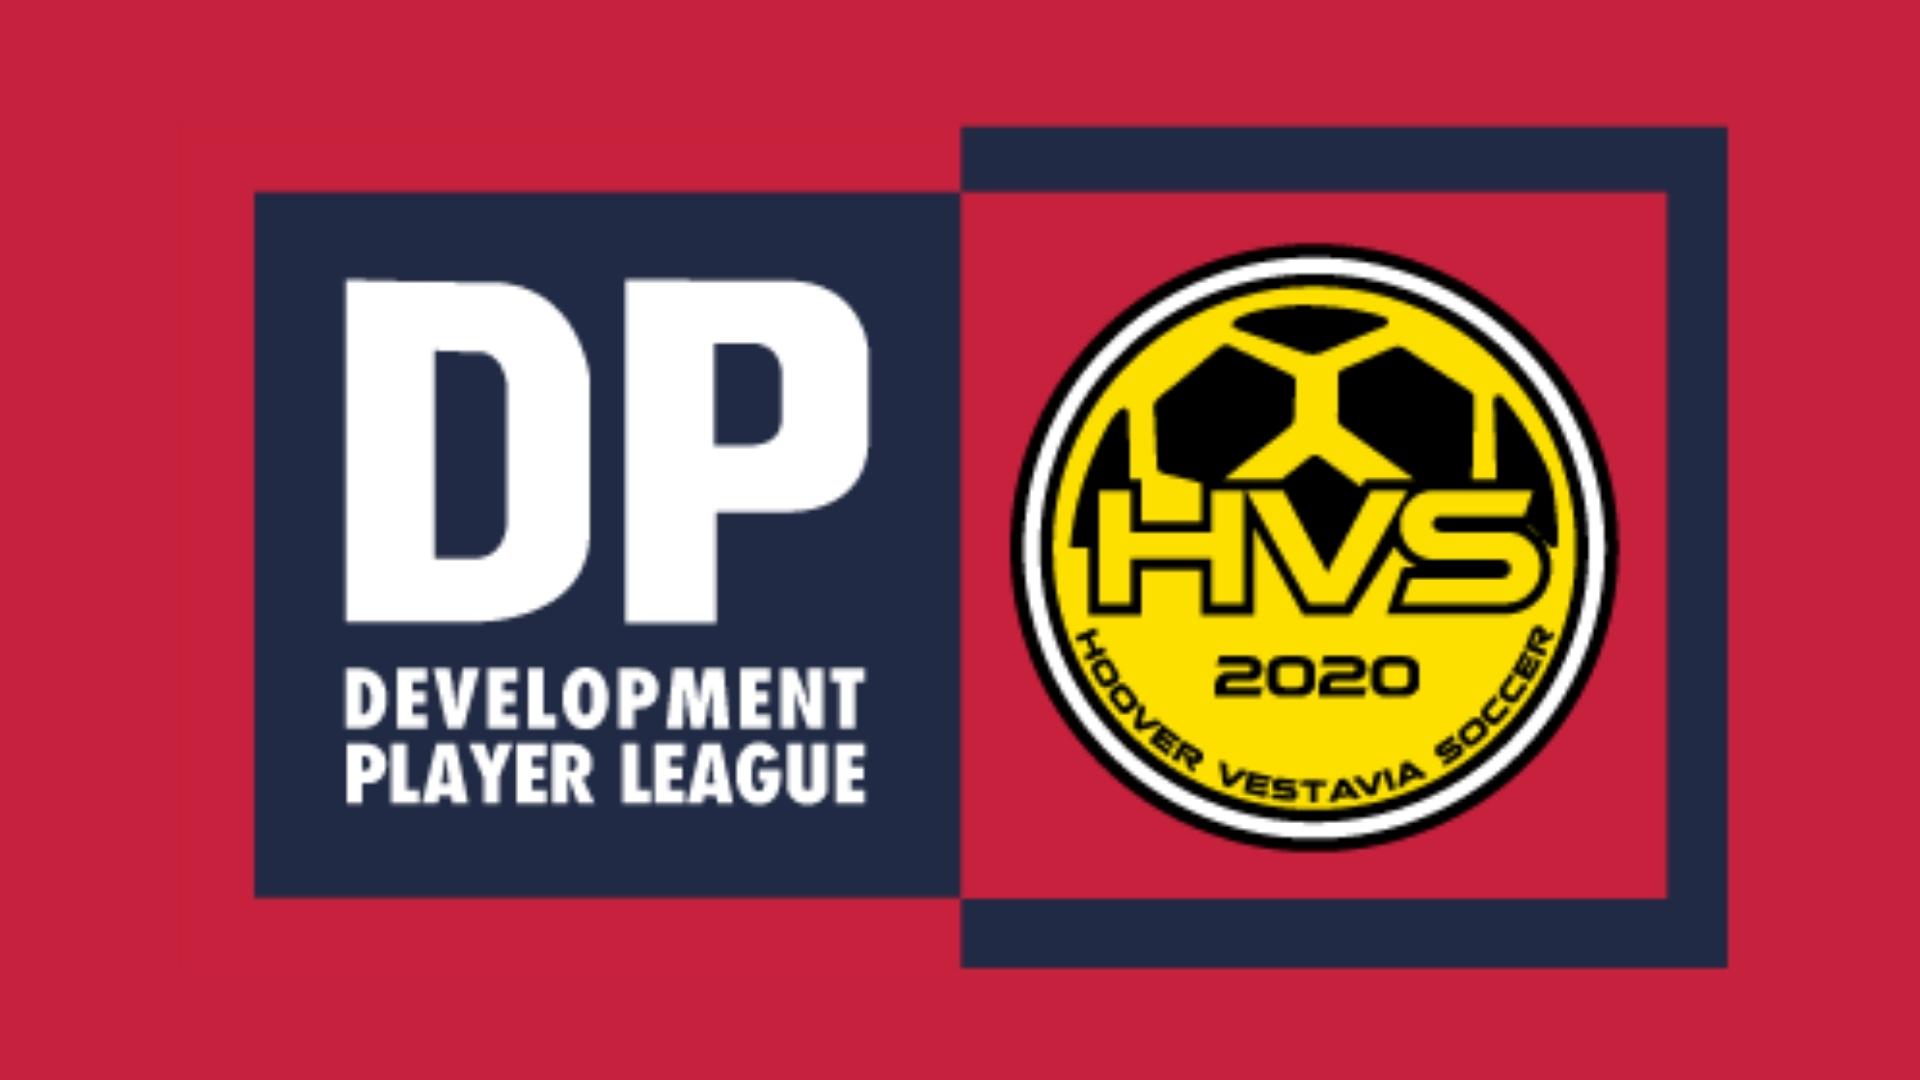 1920x1080 DPL HVS Announcement